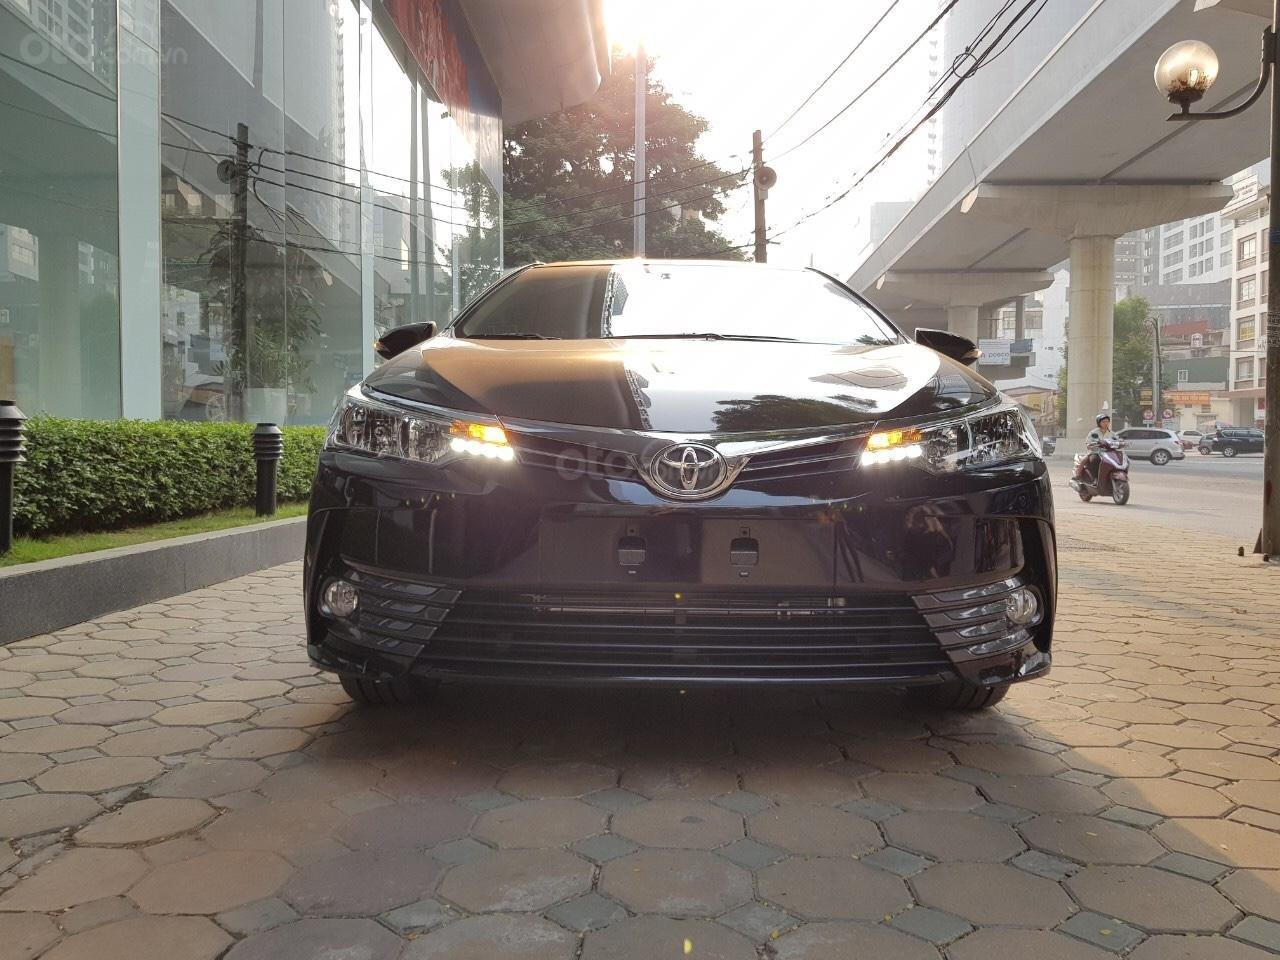 Khuyến mại tốt dành cho Toyota Altis G 2019, hỗ trợ trả góp lên đến 90% giá trị xe. Hotline 0971 123 125-4